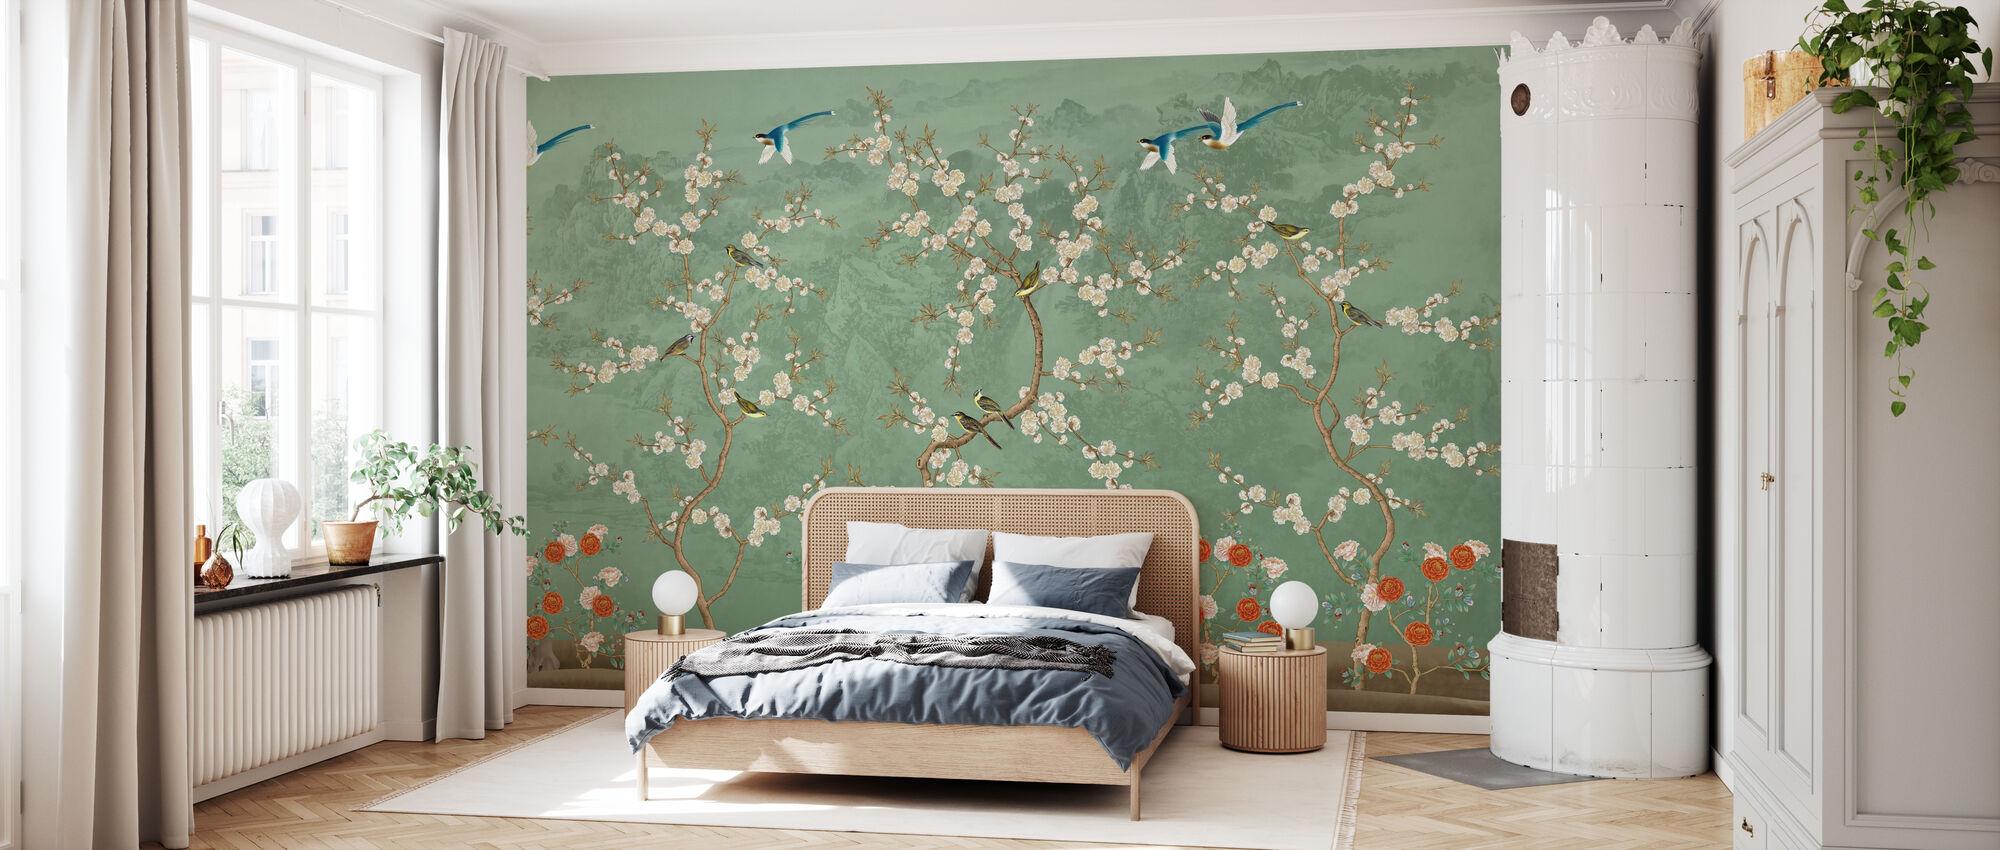 Chinoiserie Garden - Emerald - Wallpaper - Bedroom